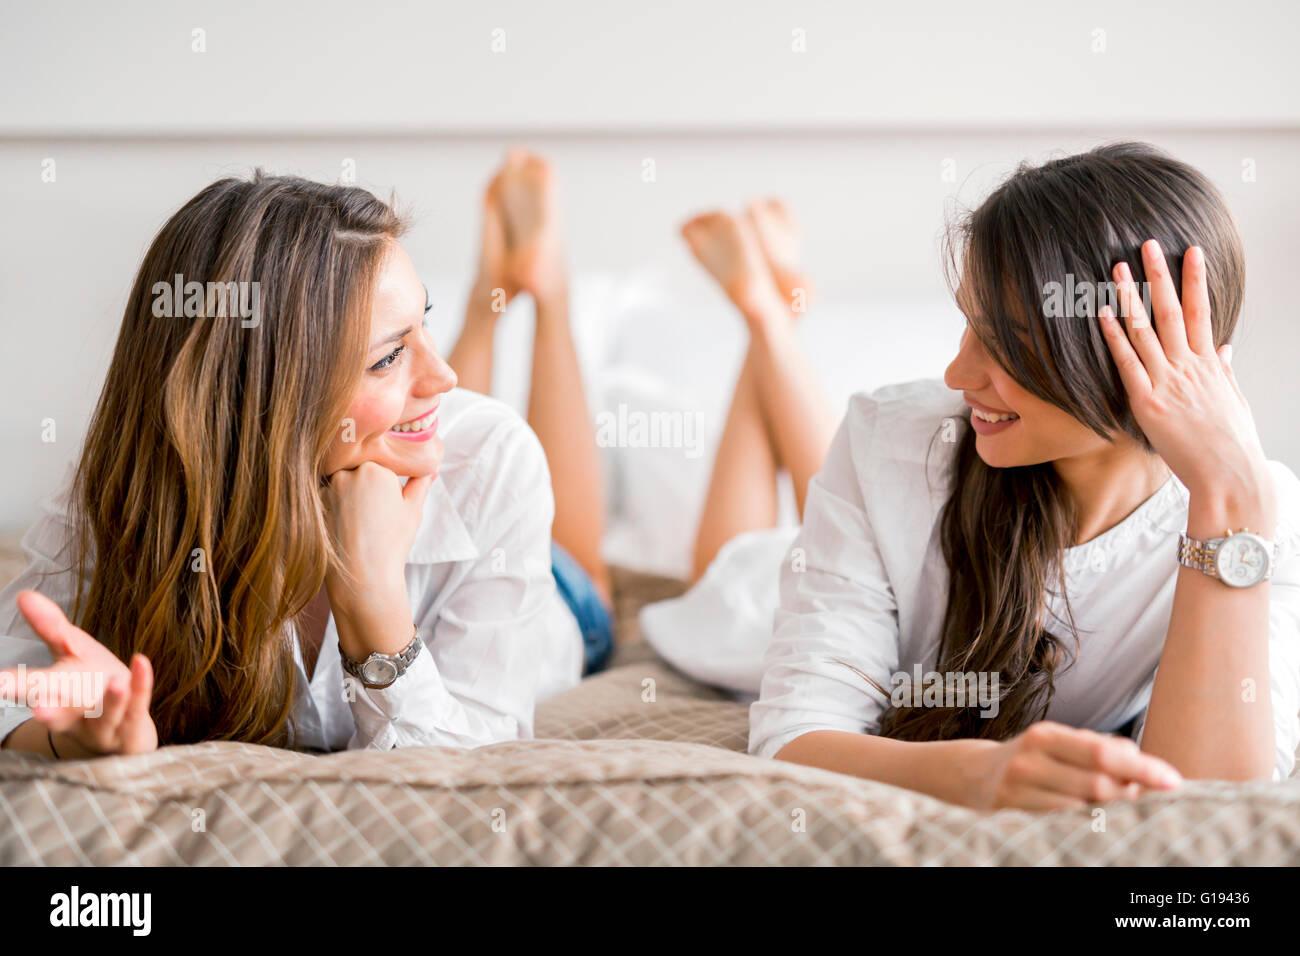 Zwei schöne Mädchen reden und lächelnd auf einem luxuriösen Bett liegend Stockbild